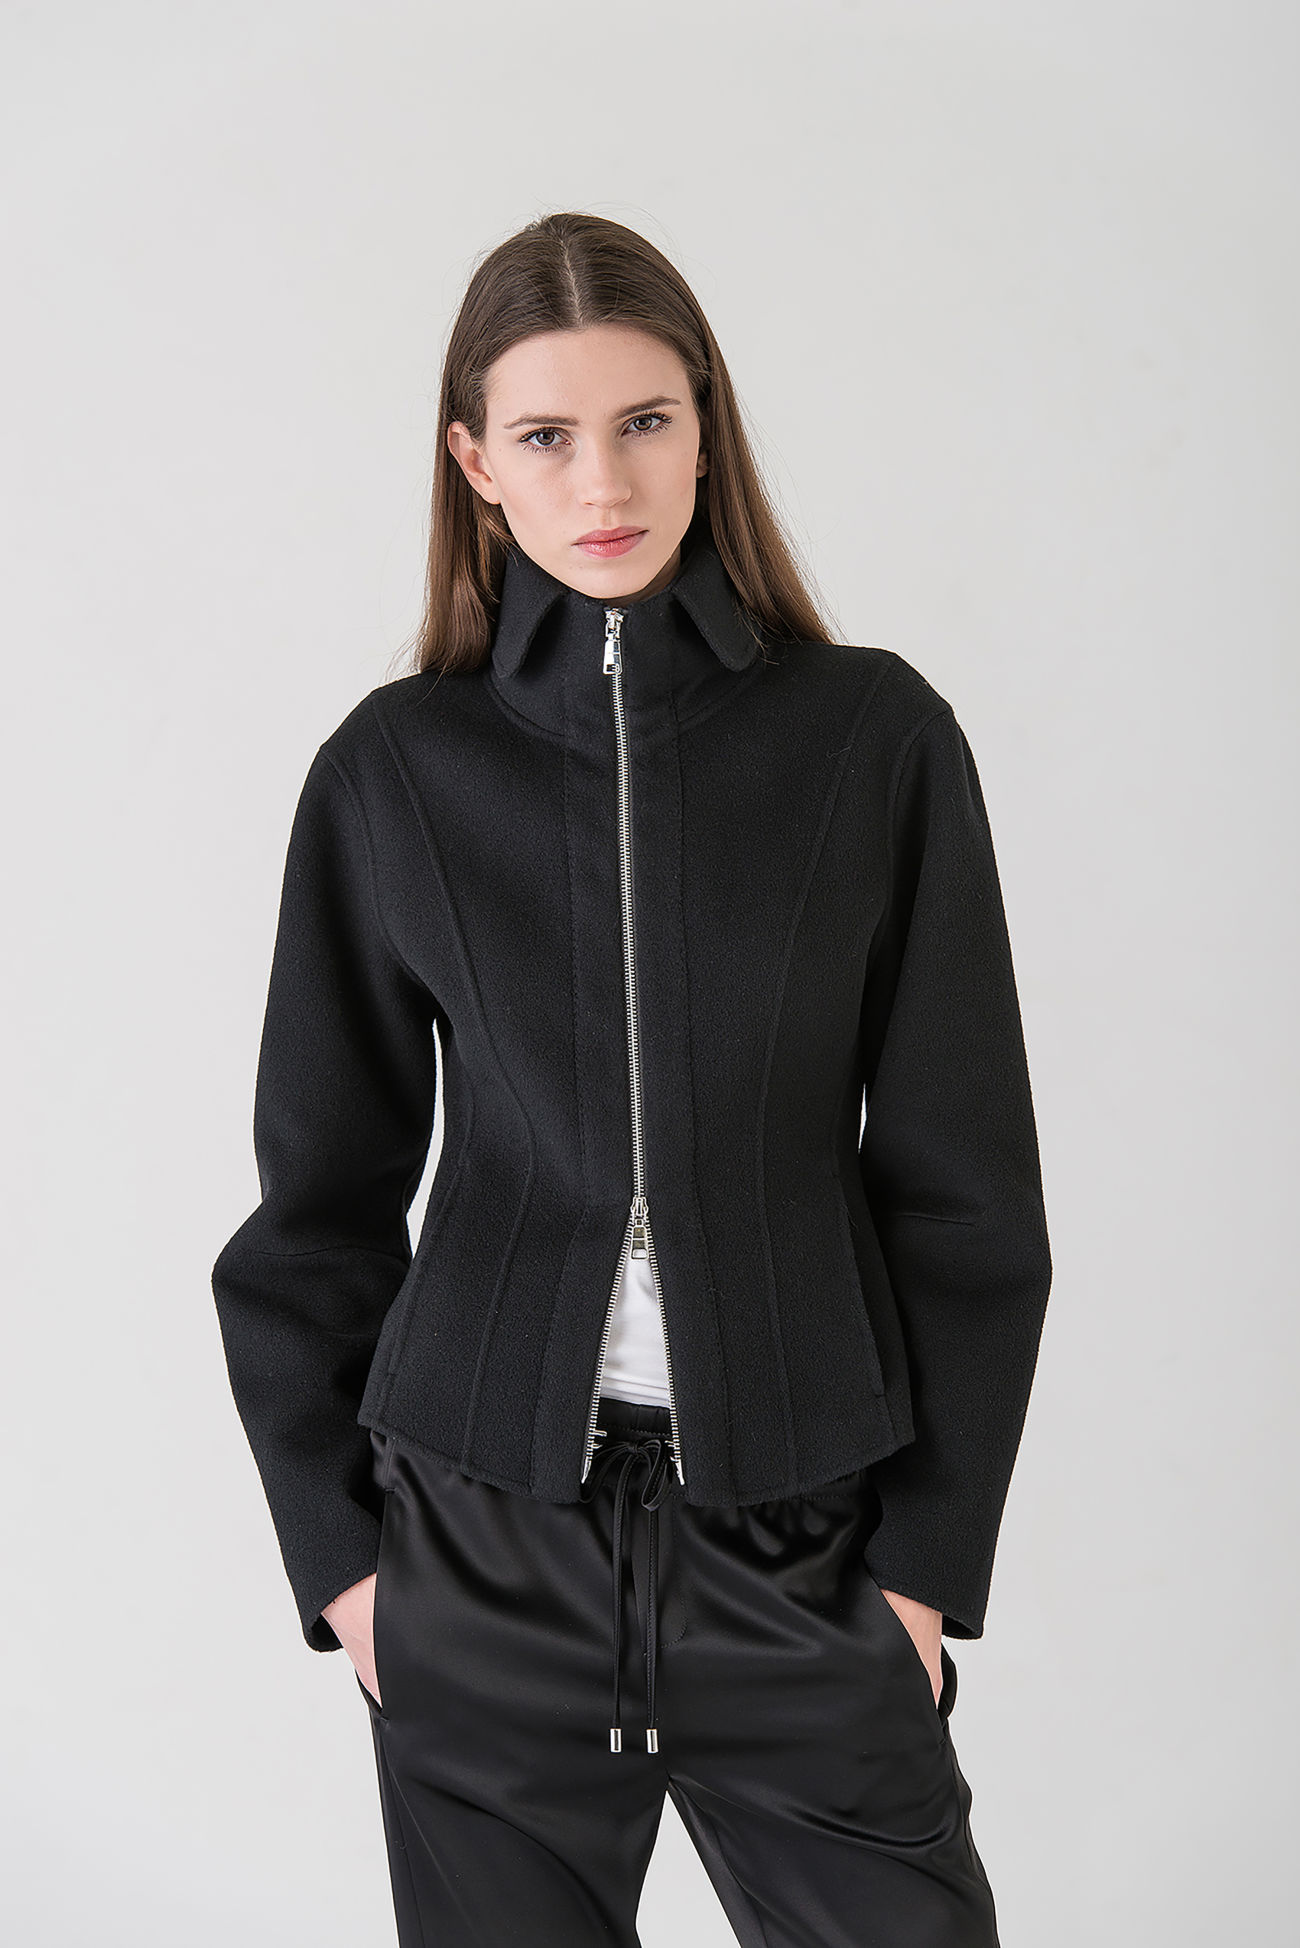 Jacke aus Wolle-Kaschmir Doubleface